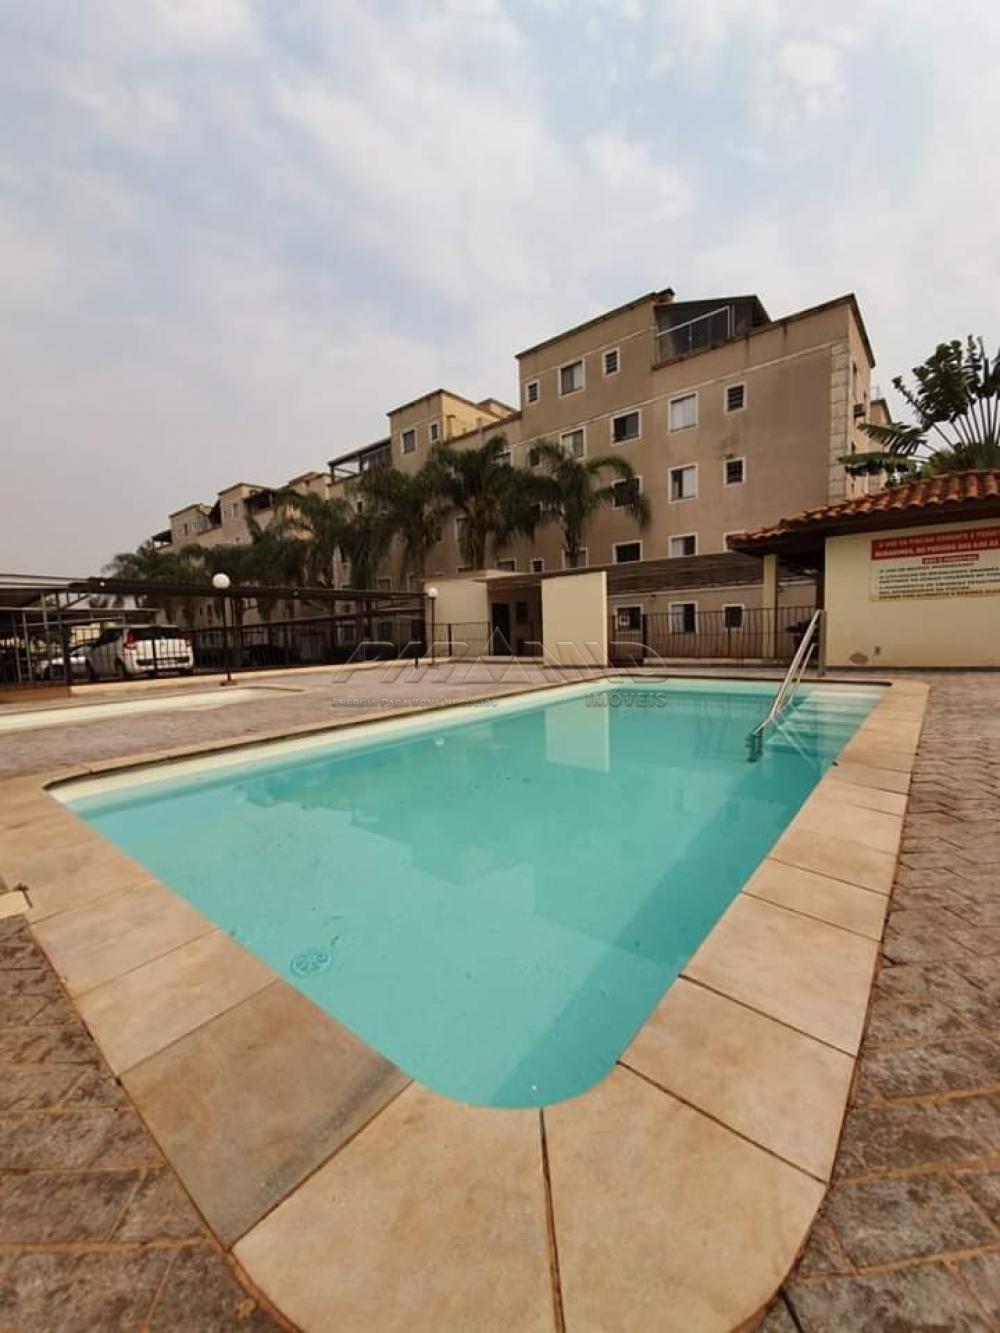 Comprar Apartamento / Cobertura em Ribeirão Preto apenas R$ 265.000,00 - Foto 14